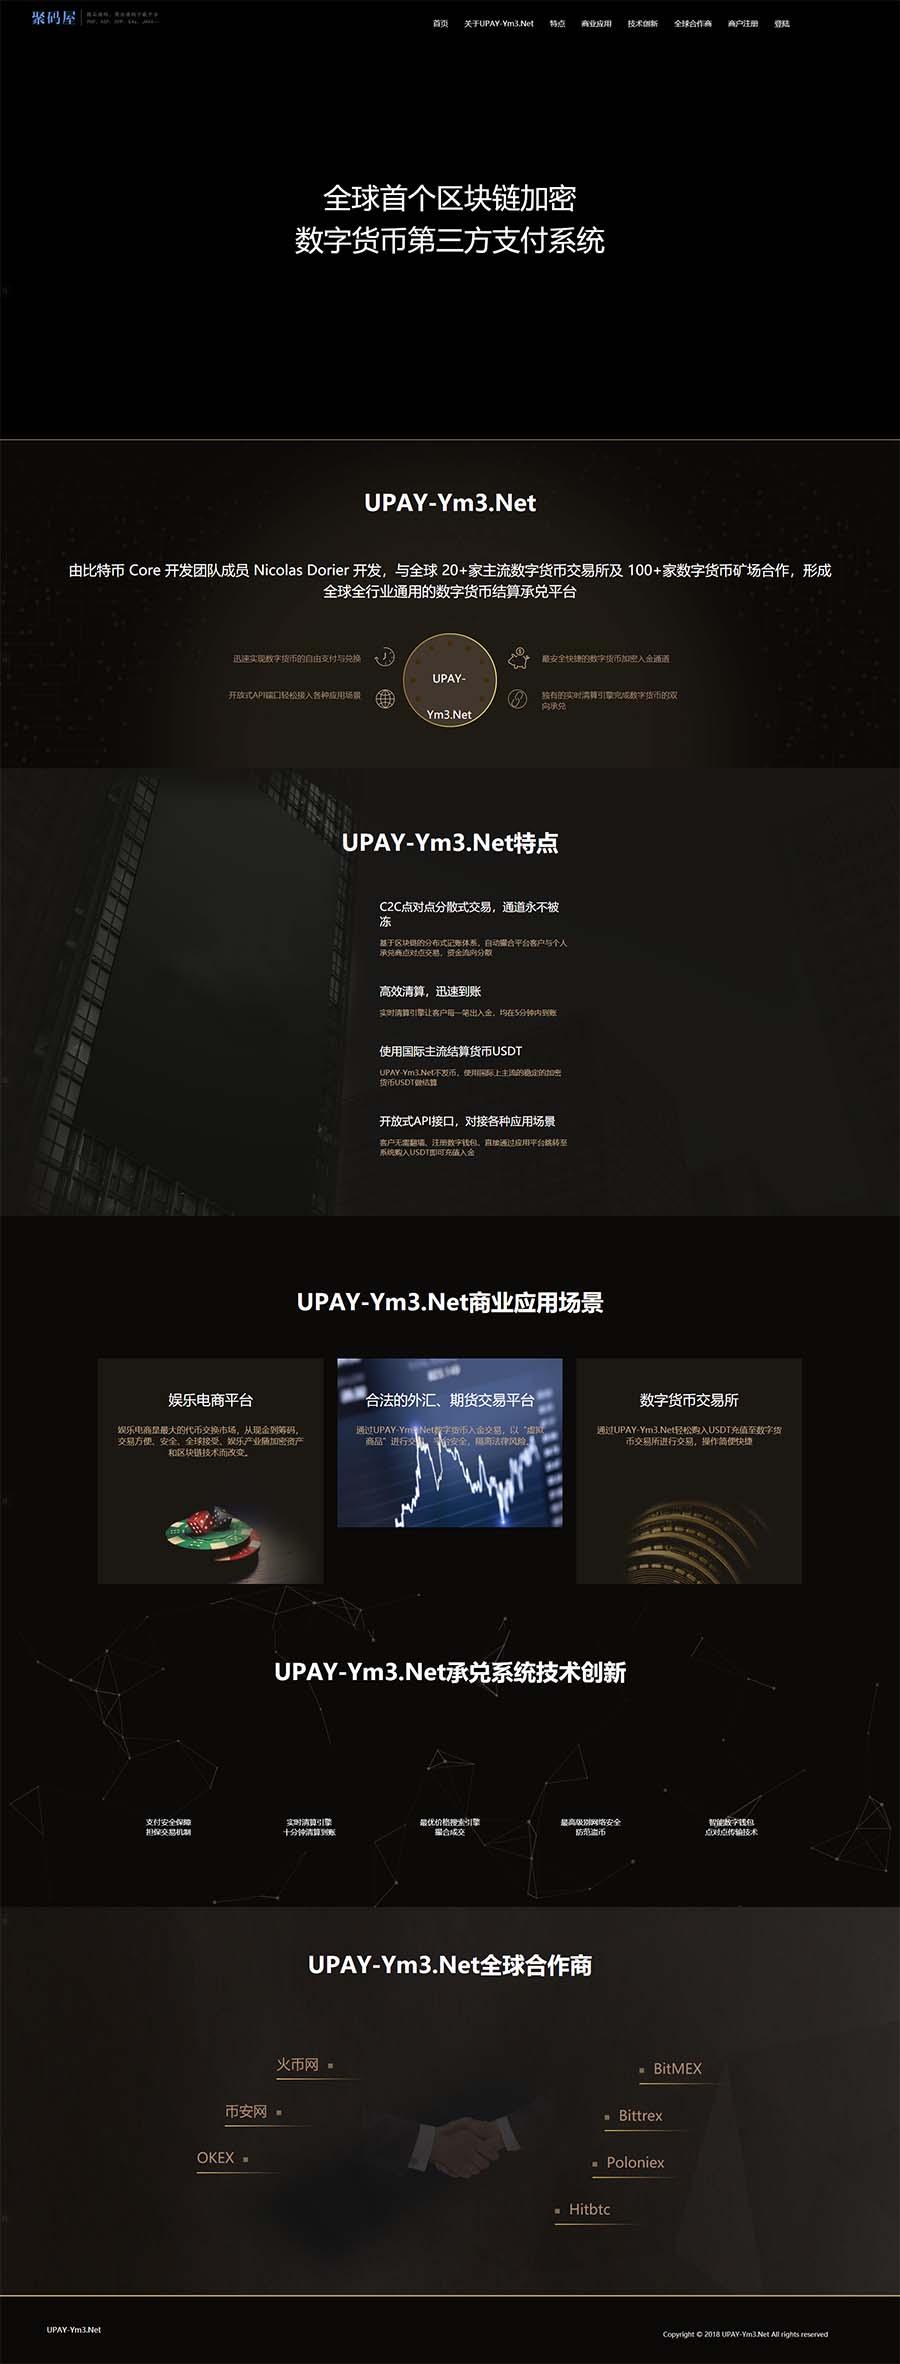 「独家修复」最新upay数字火币支付源码-USDT支付/数字货币承兑系统-图1